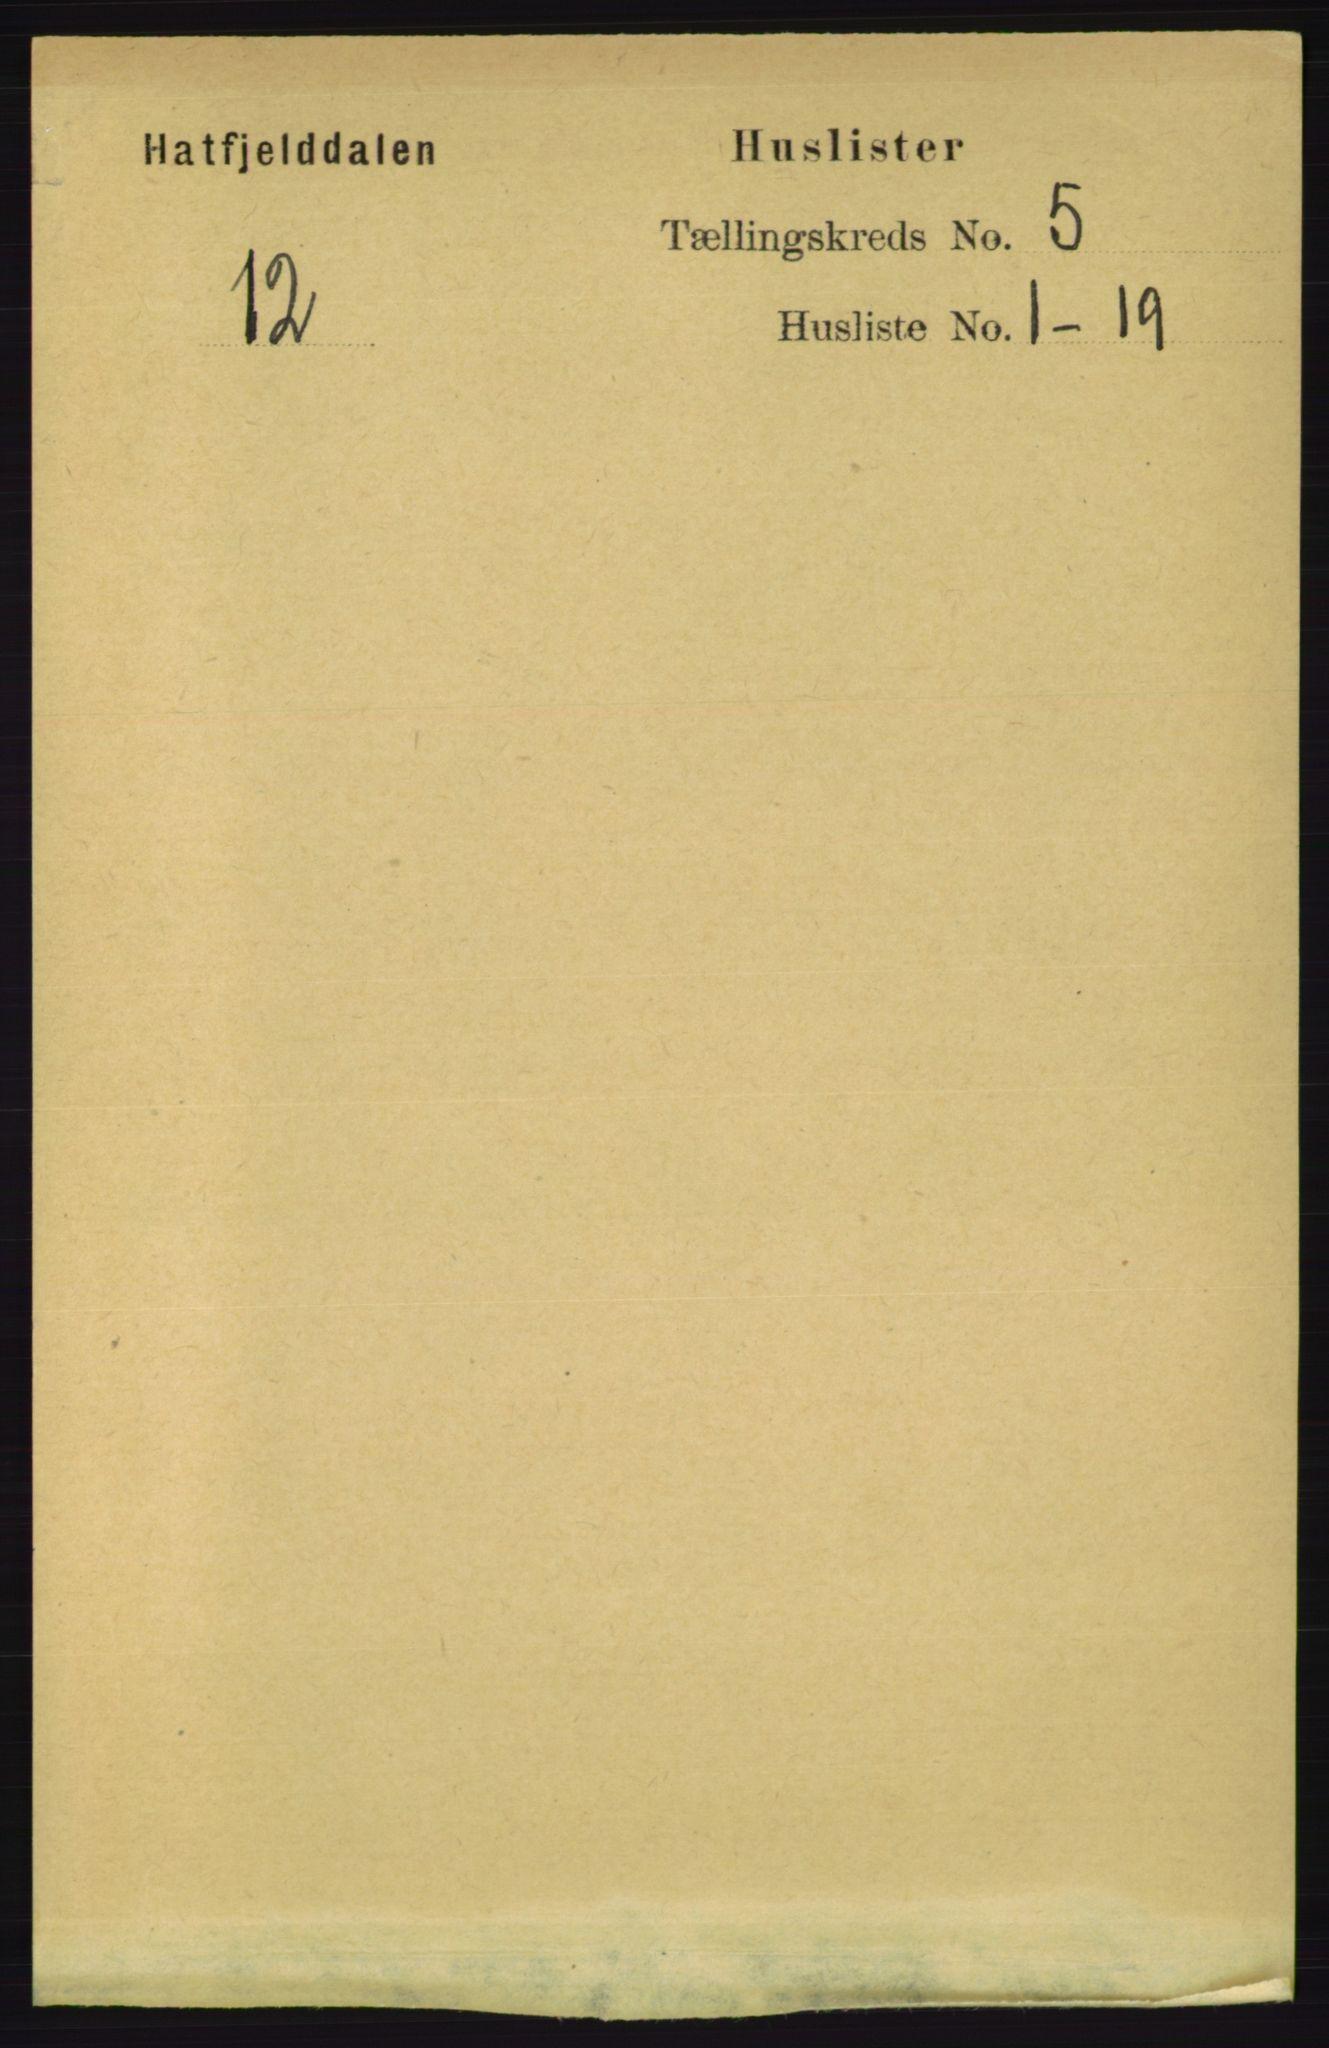 RA, Folketelling 1891 for 1826 Hattfjelldal herred, 1891, s. 1107